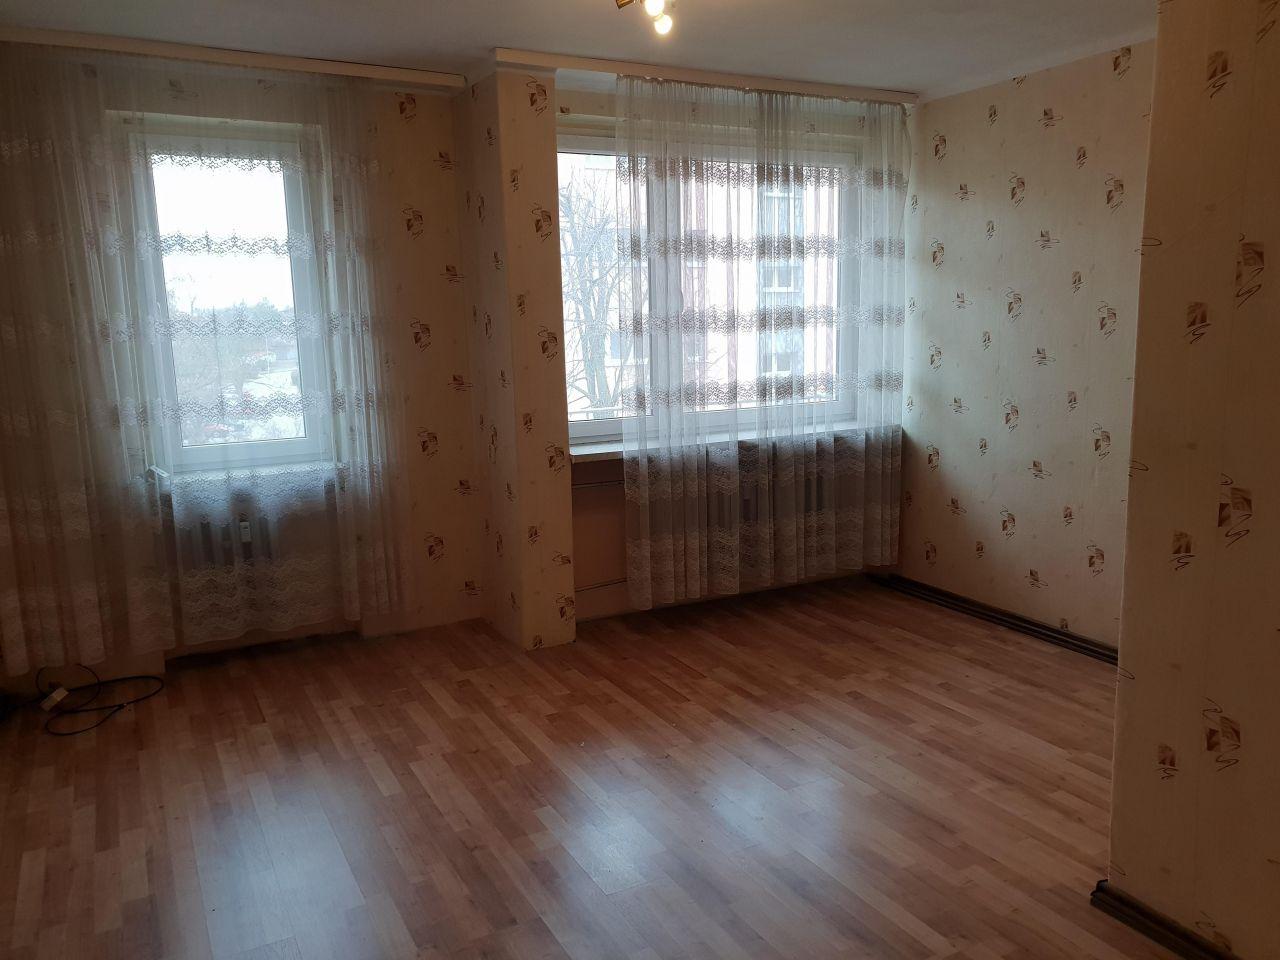 Mieszkanie 1-pokojowe Żory Kleszczówka, ul. Brzozowa